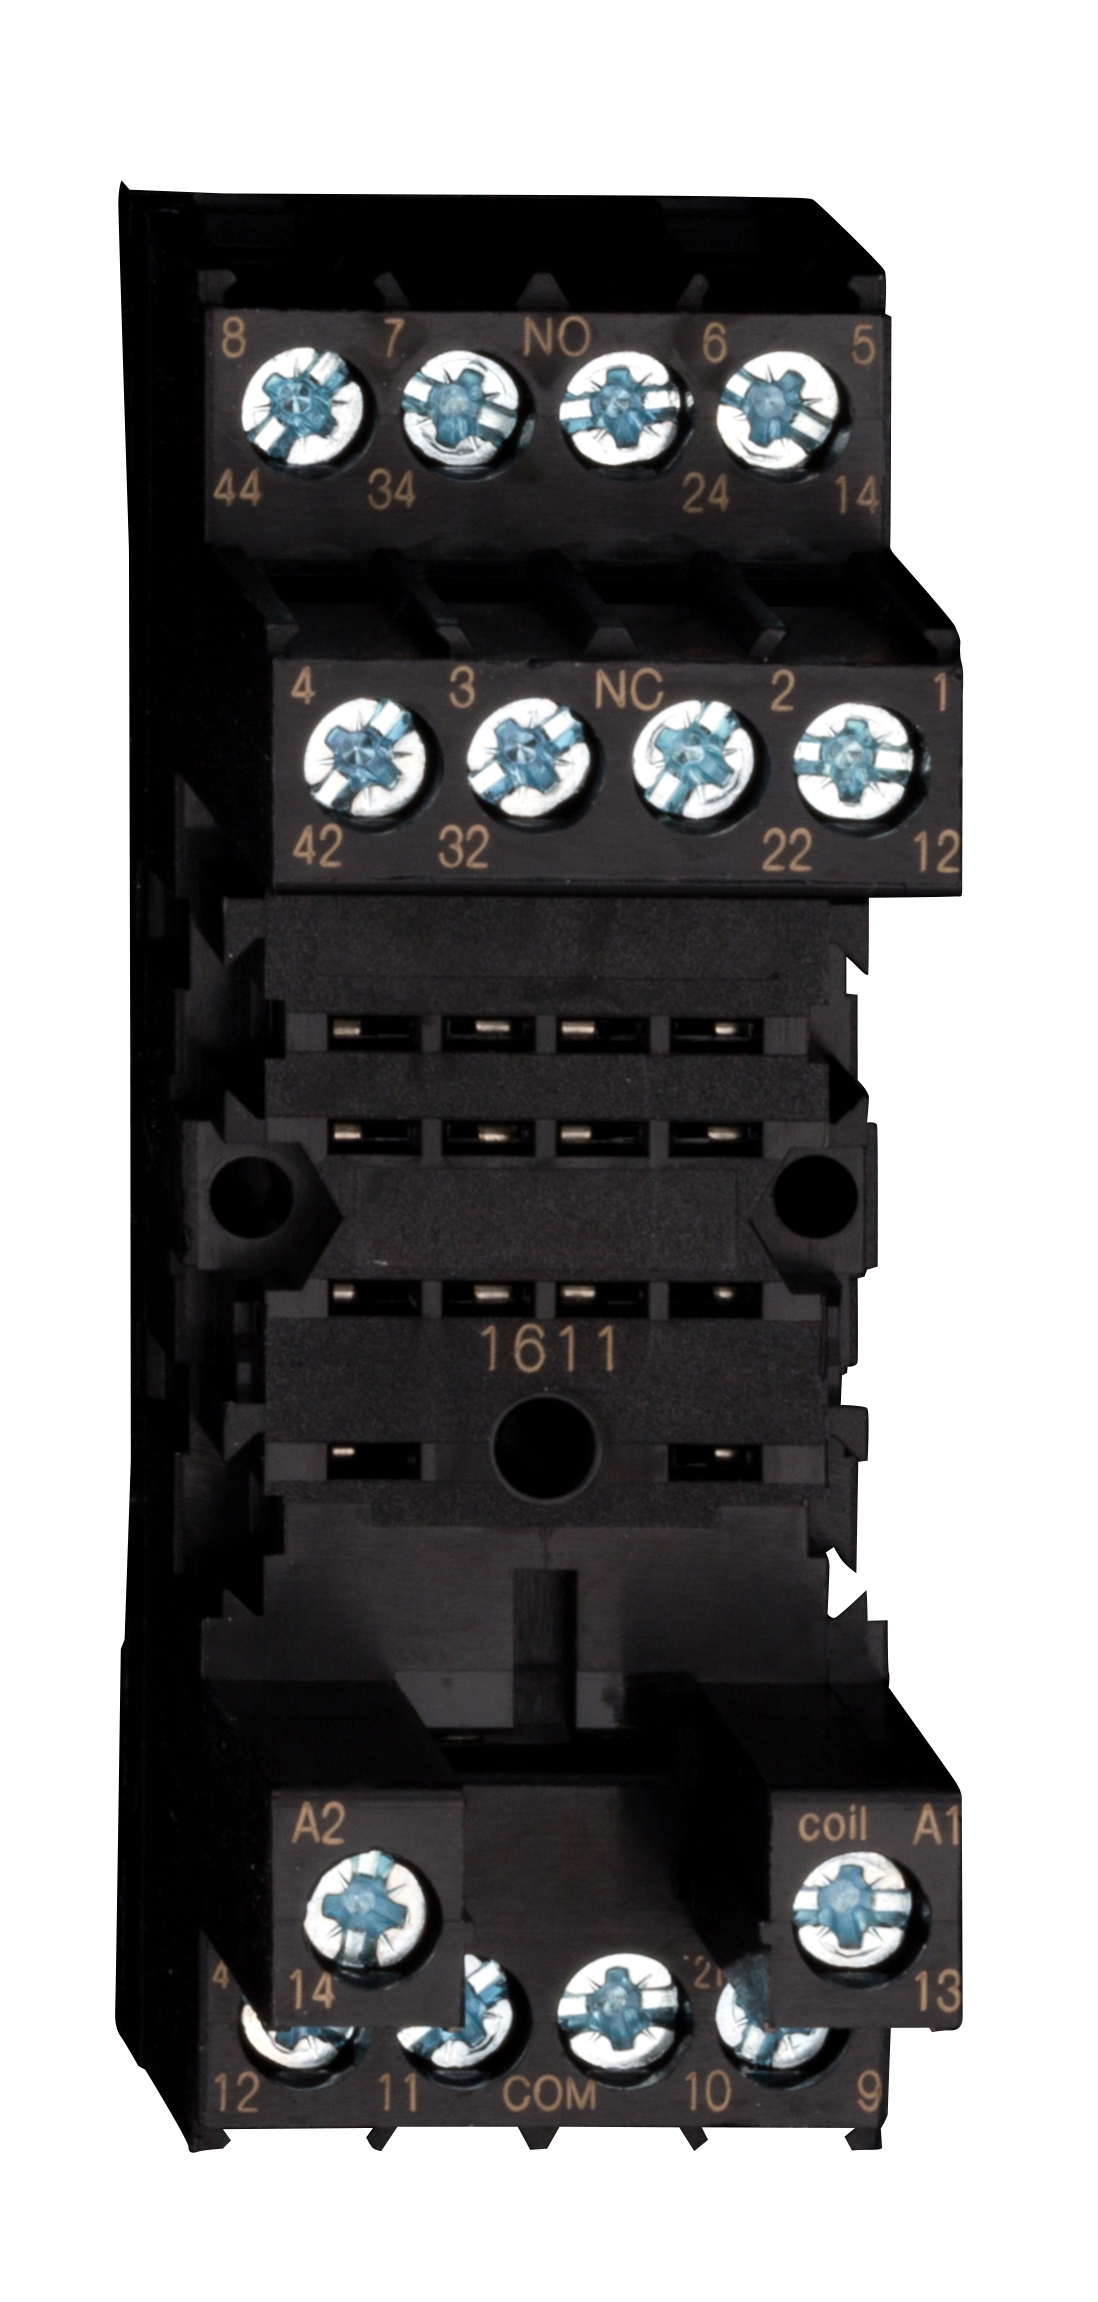 1 Stk DIN-Schienenfassung für PT5-Relais, 14-polig, 6A YPT78704--